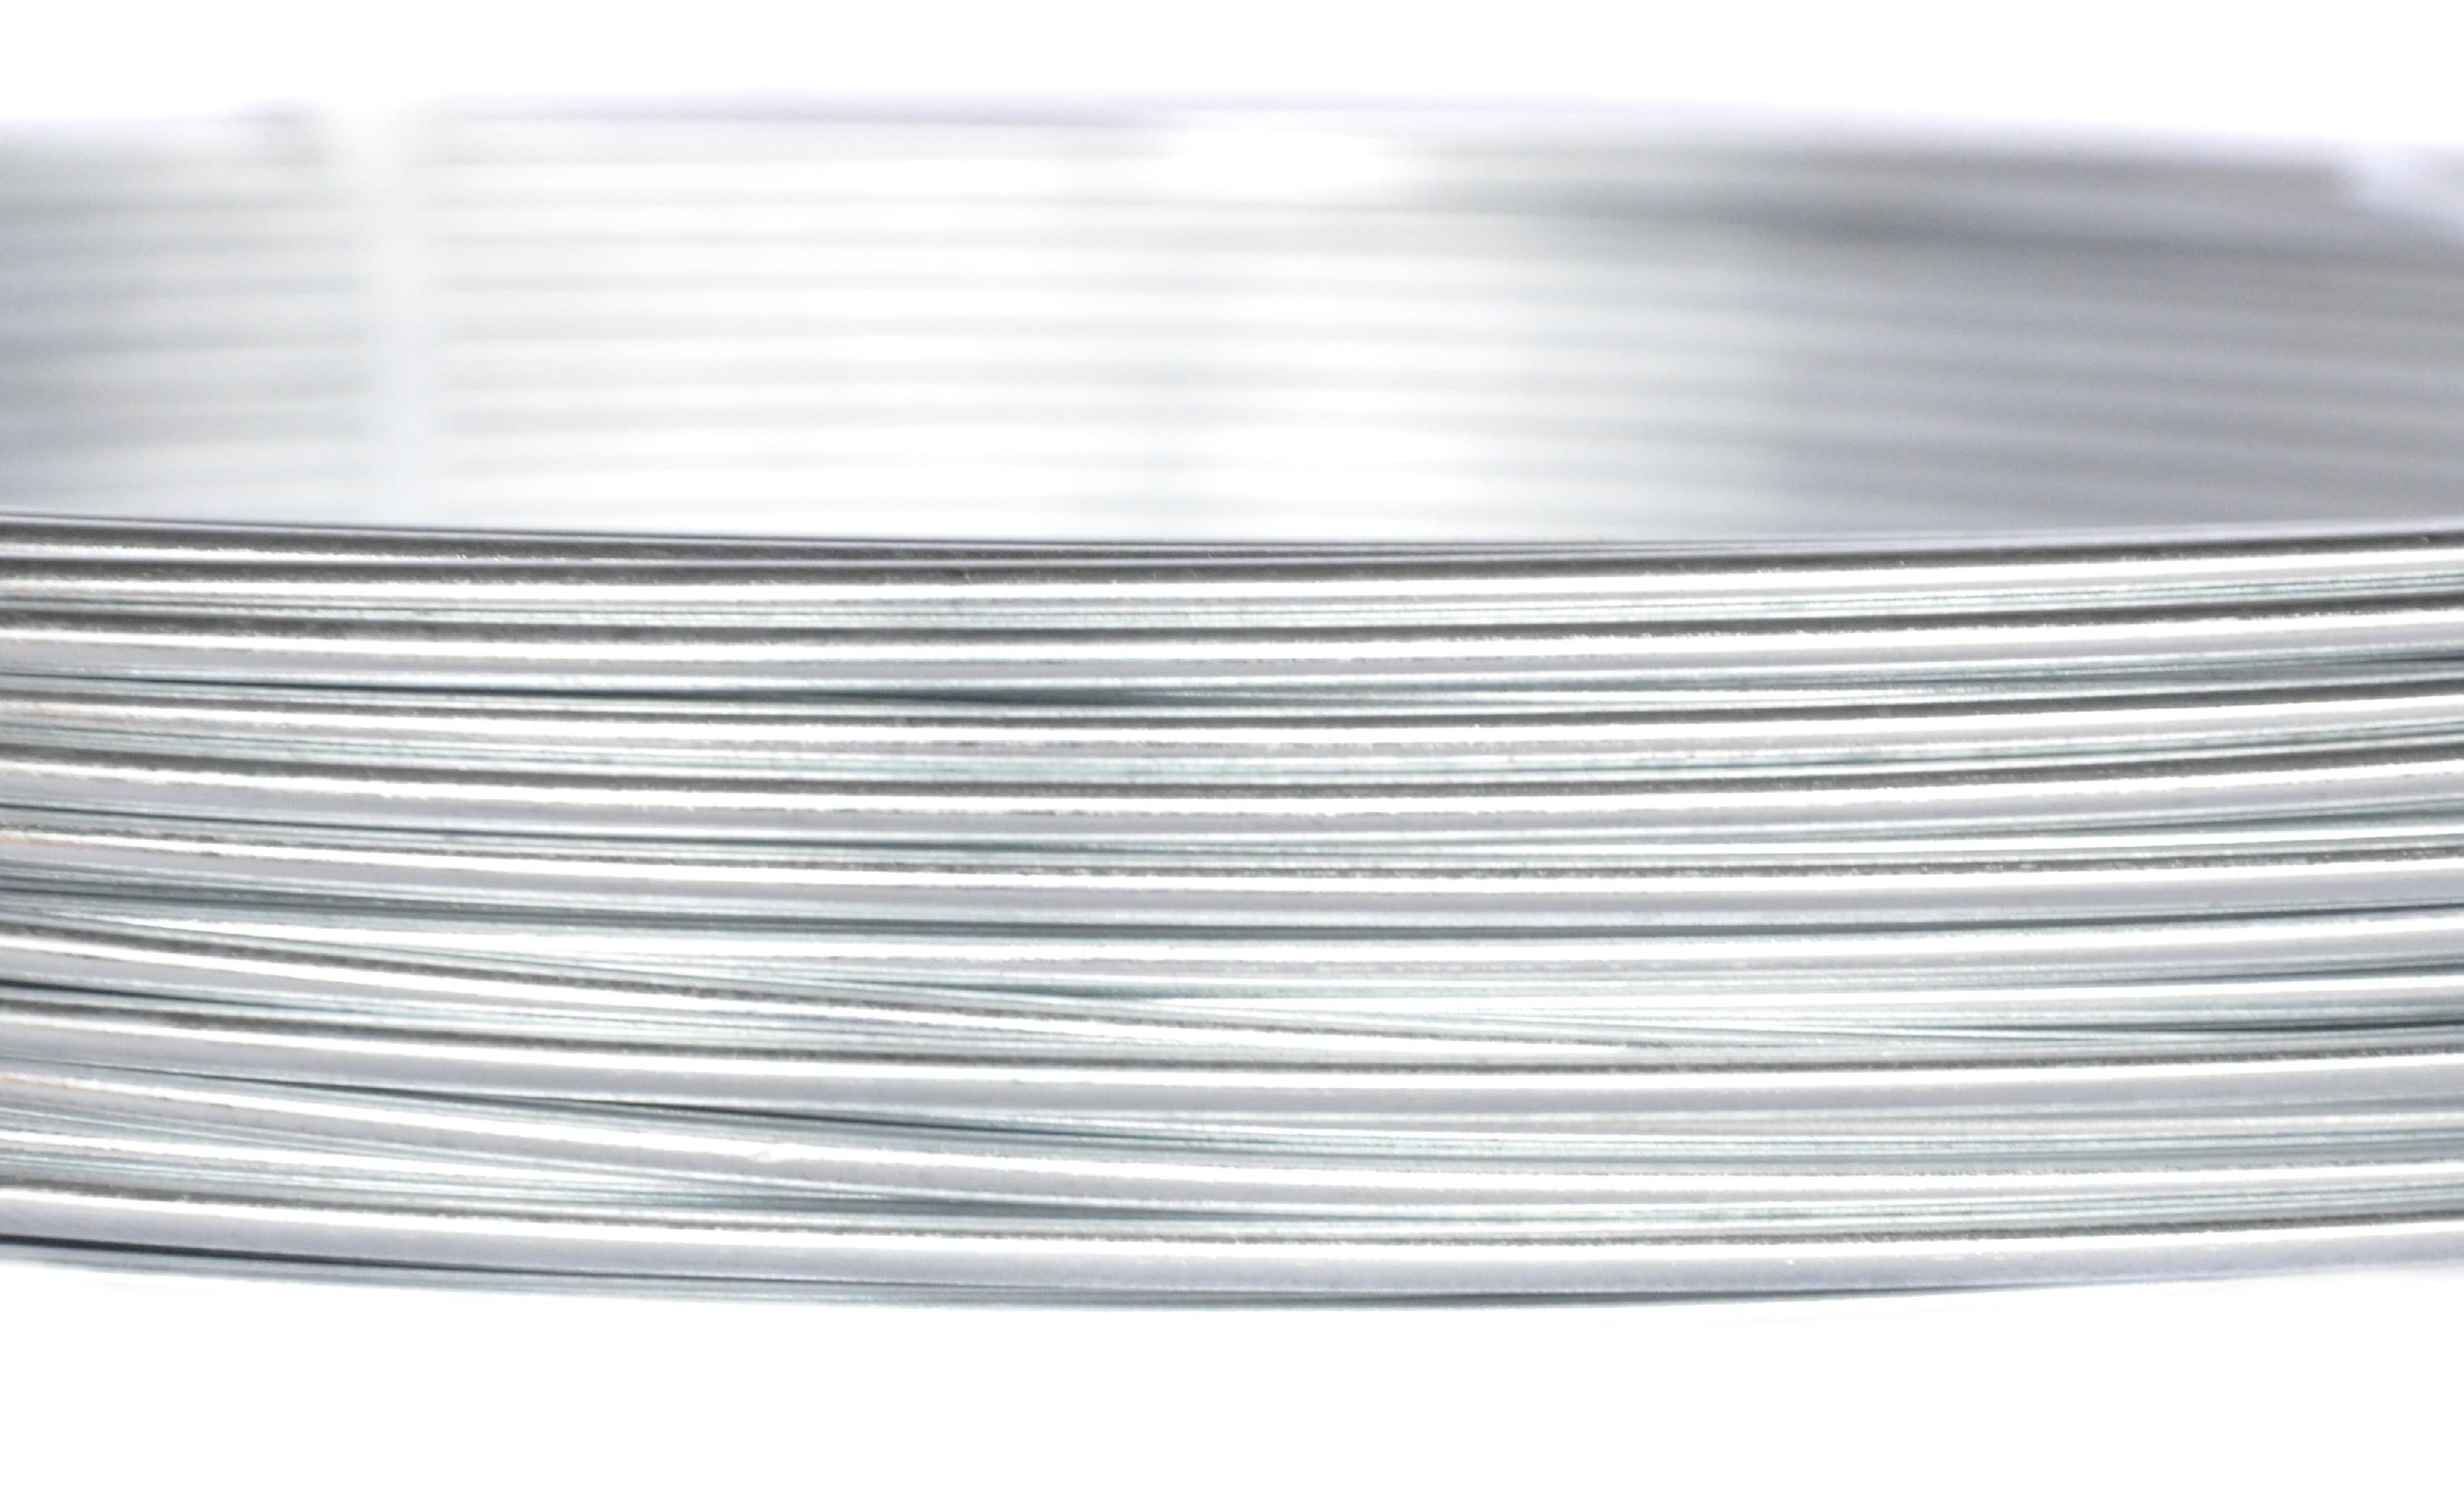 Vinohradnický drát Zn + Al - průměr 2,5 mm, balení 25 kg